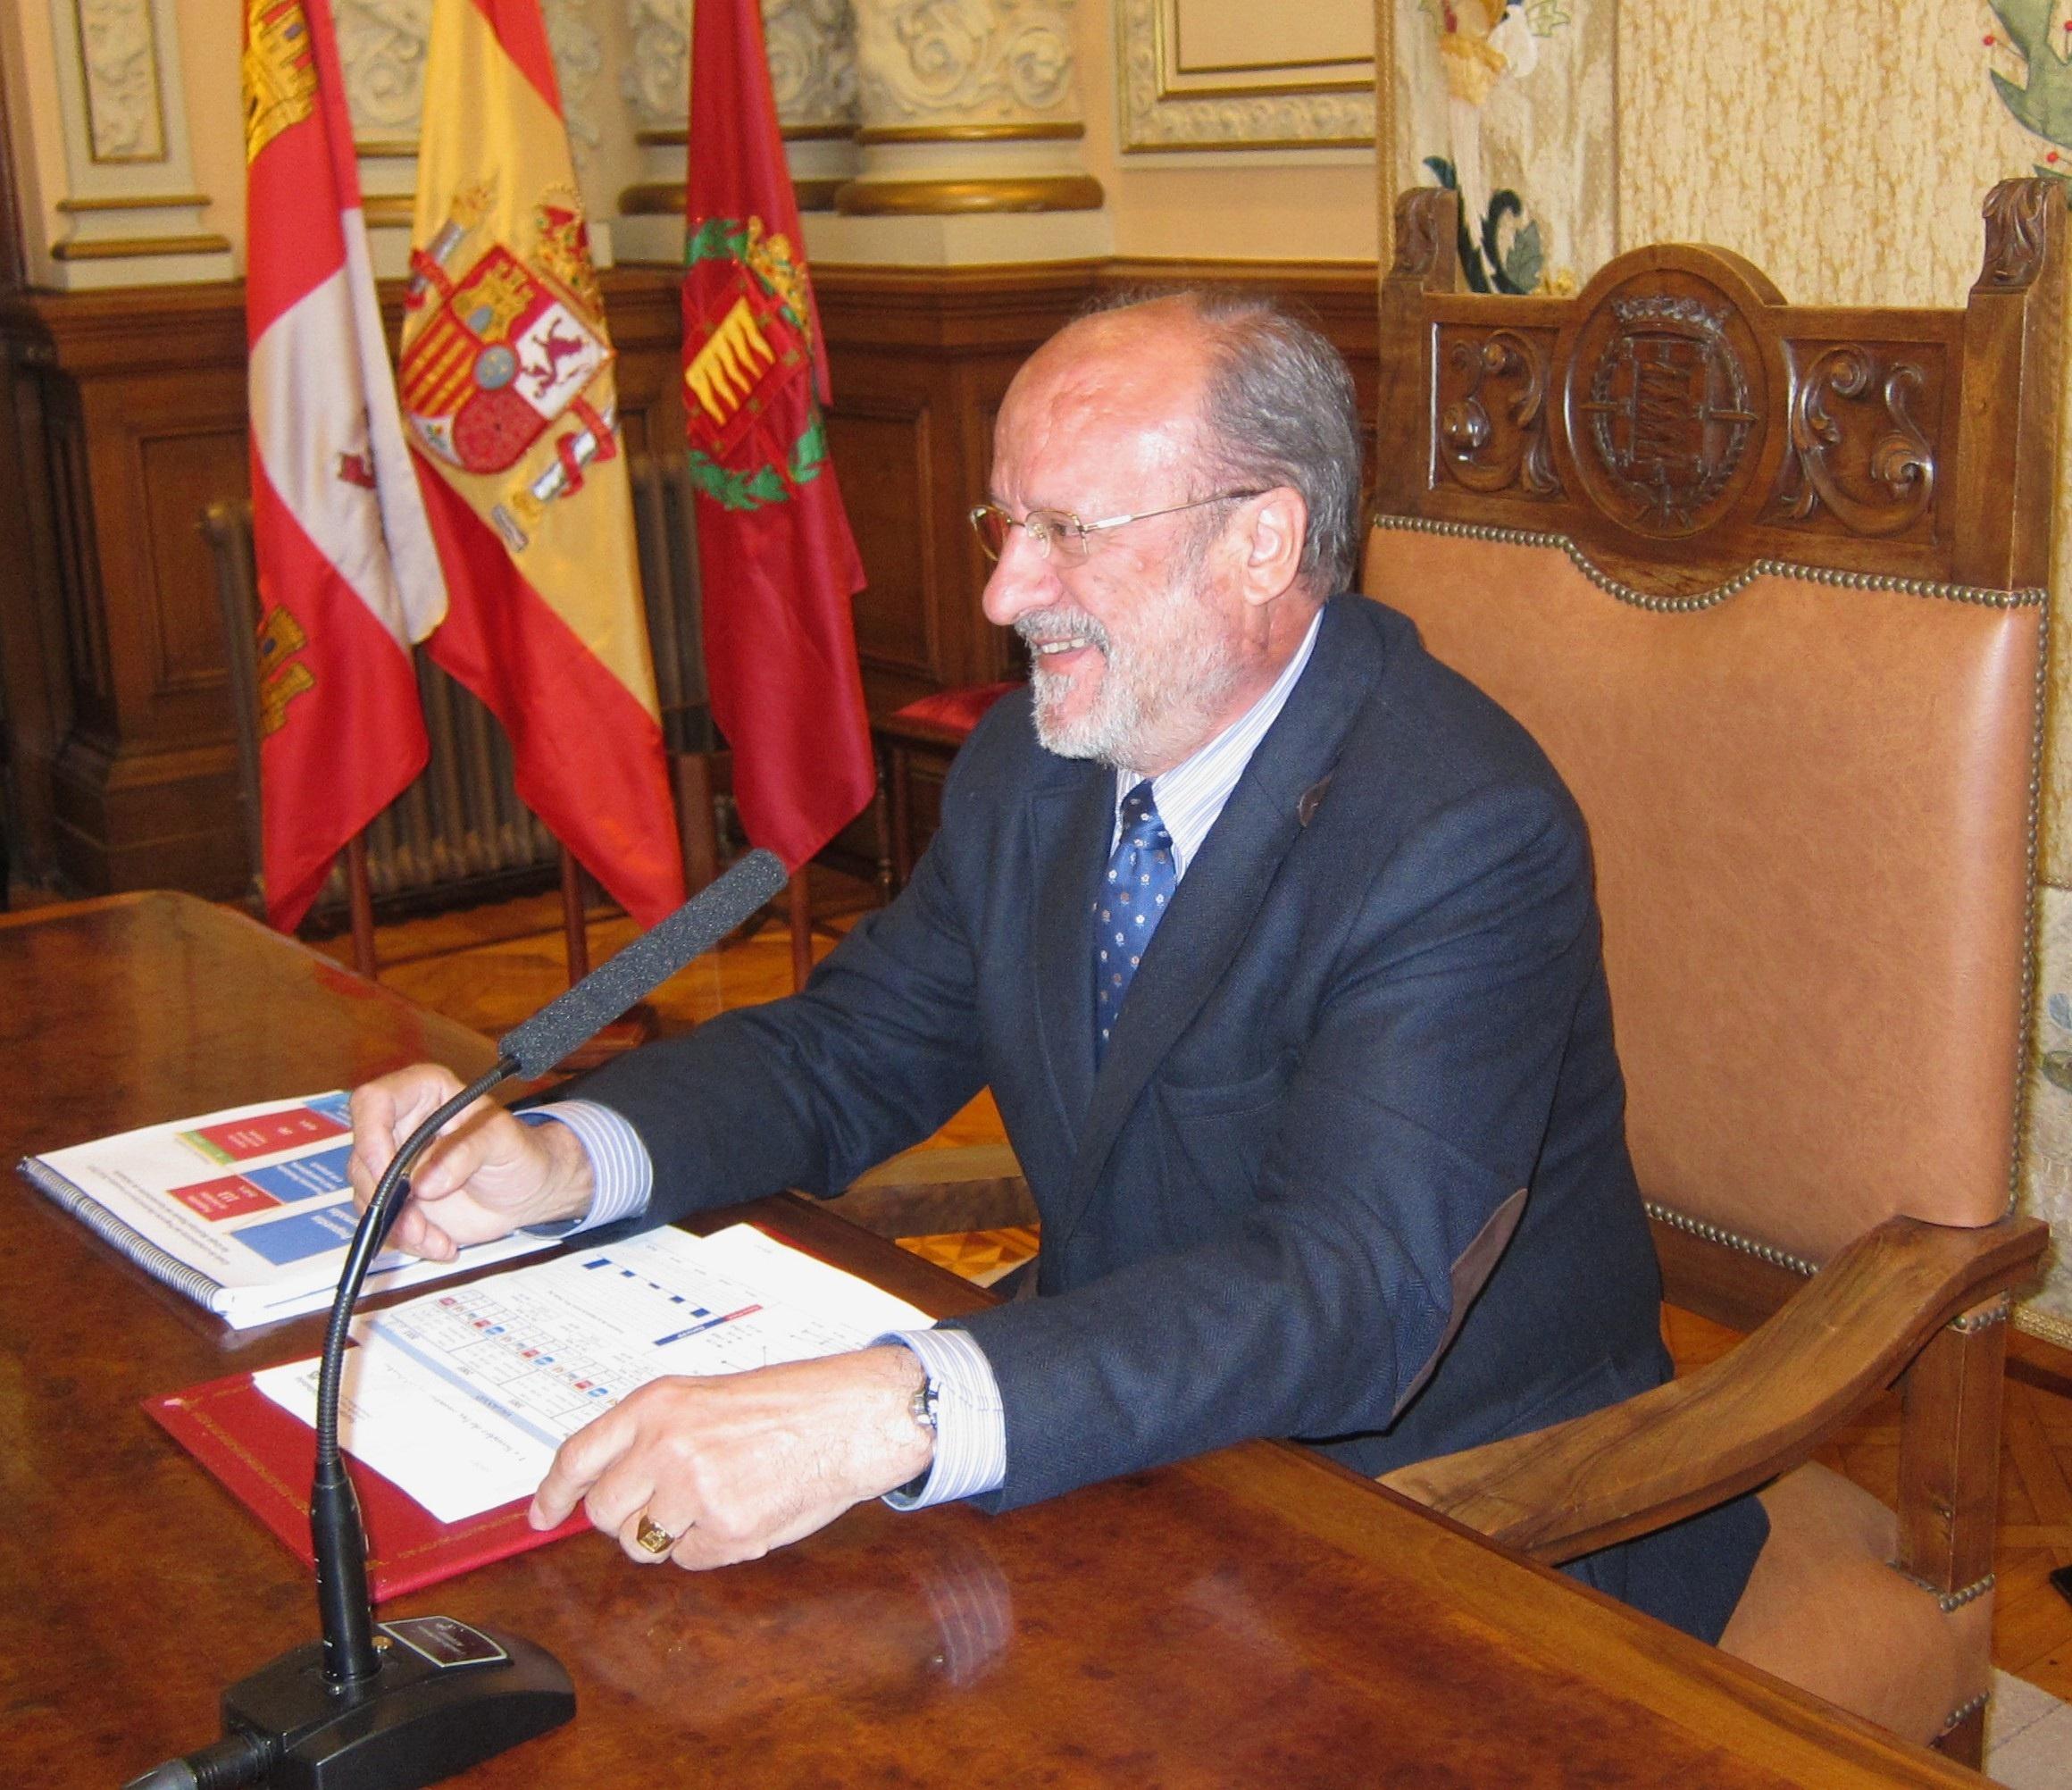 De la Riva cree que a los ciudadanos les preocupan más los problemas de empleo que las «zarandajas» sobre su futuro